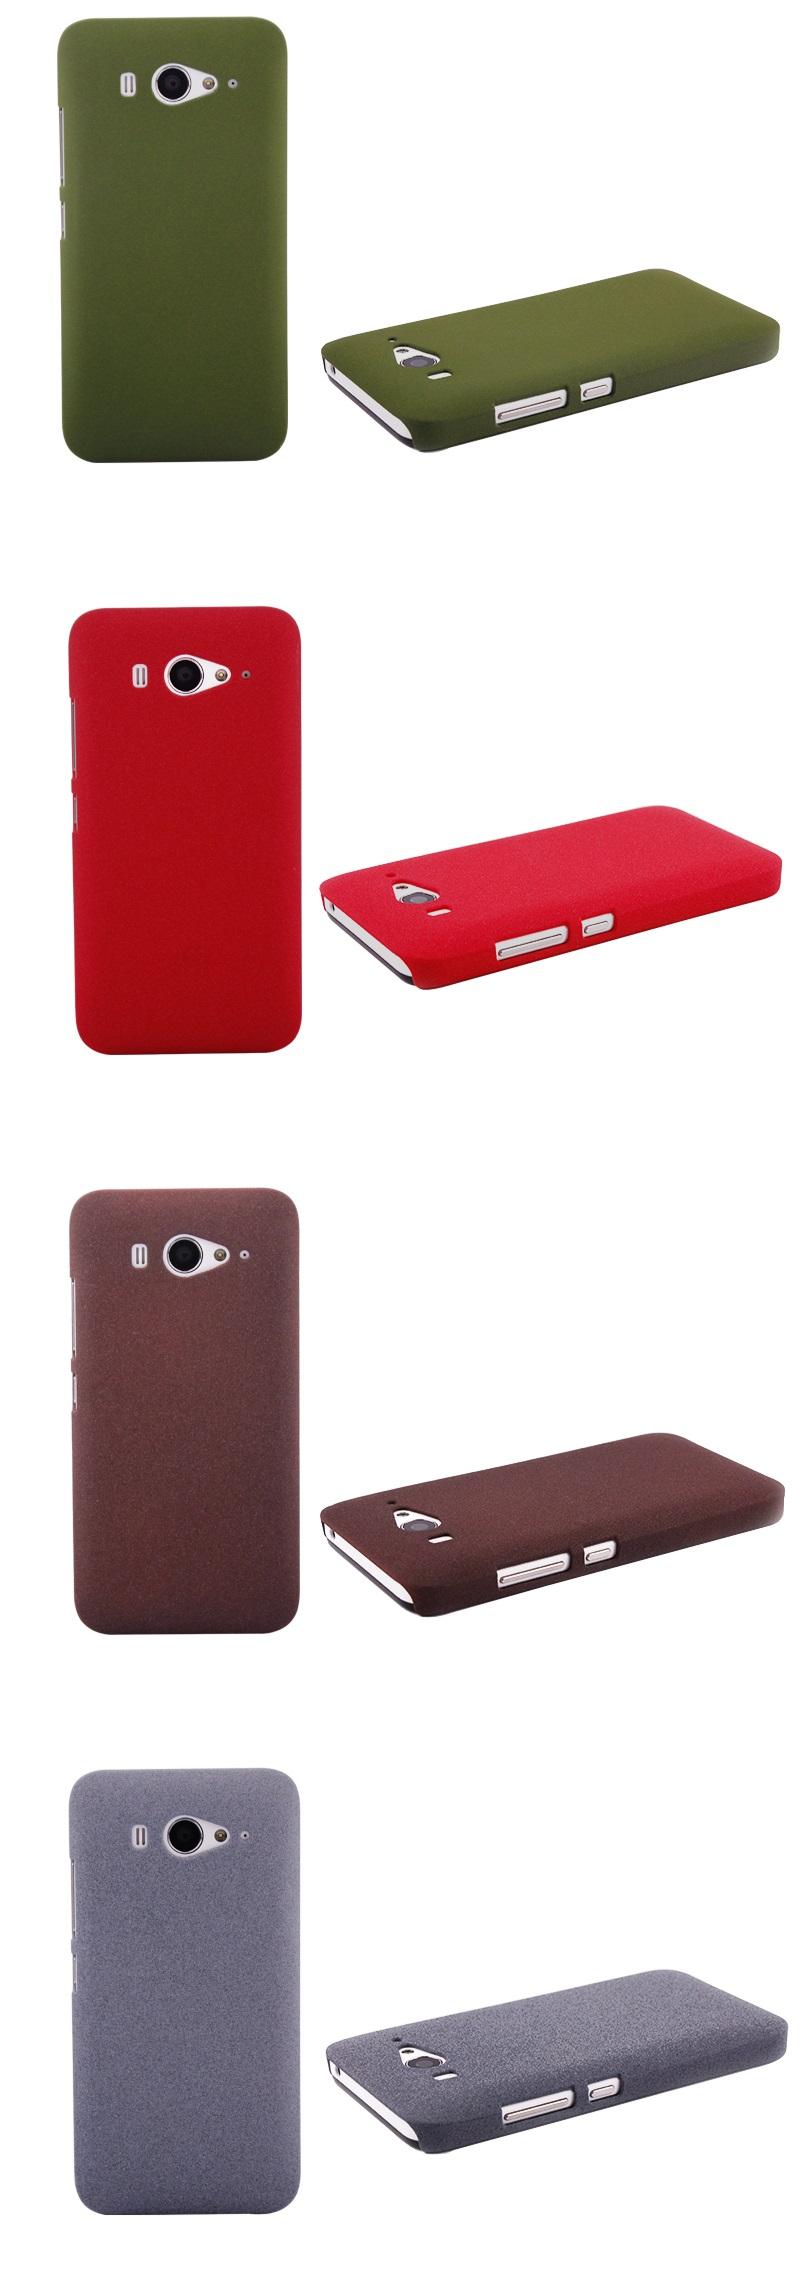 เคสแข็ง Xiaomi MI2 และ Xiaomi MI2S XM2S-H002 - Omega Case 1